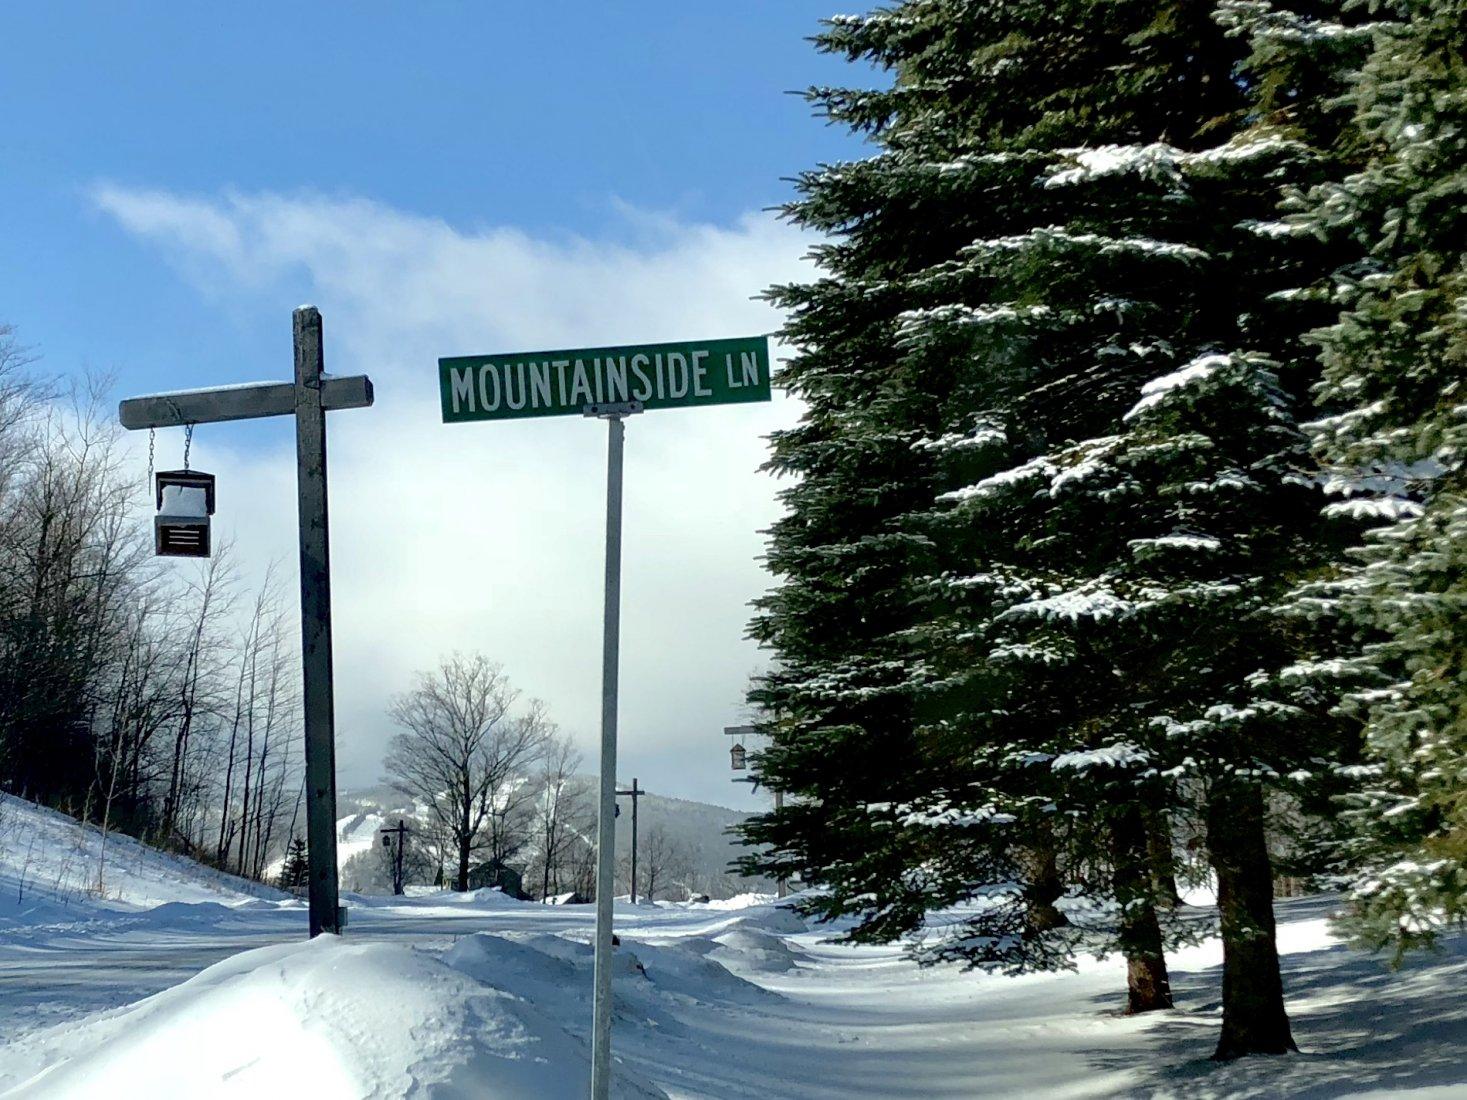 Mountainside Lane